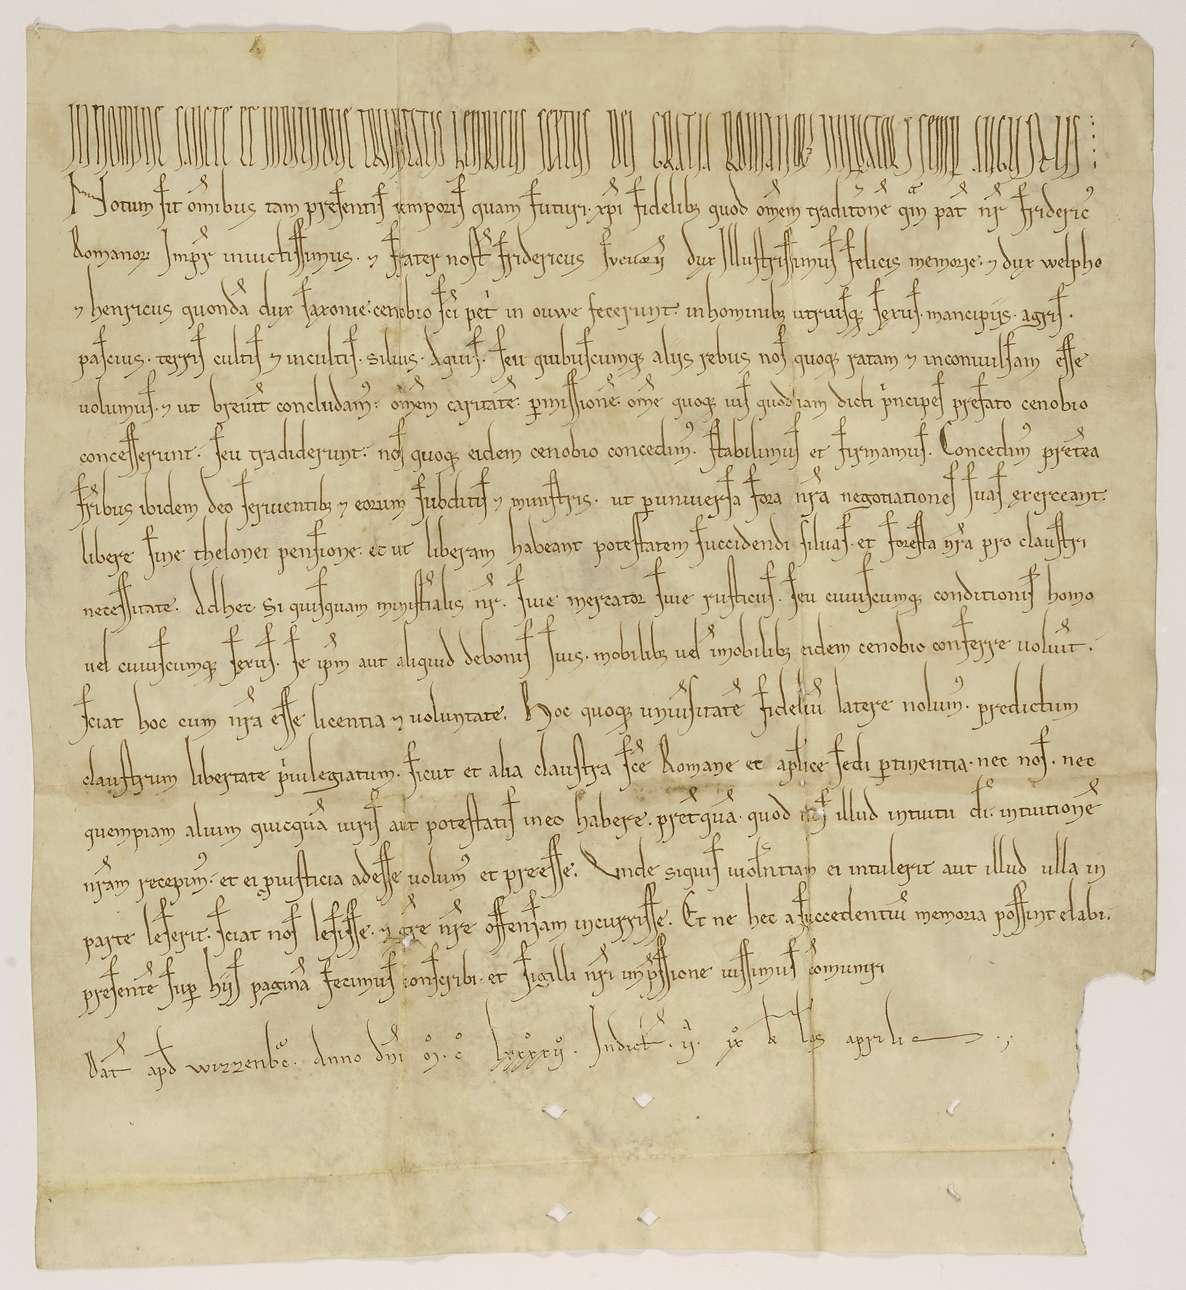 Kaiser Heinrich VI. bestätigt dem Kloster Weißenau die Begünstigungen, die ihm von seinem Vater Kaiser Friedrich, seinem Bruder Herzog Friedrich von Schwaben, Herzog Welf und von Heinrich, vormals Herzog von Sachsen, erteilt wurden., Bild 1